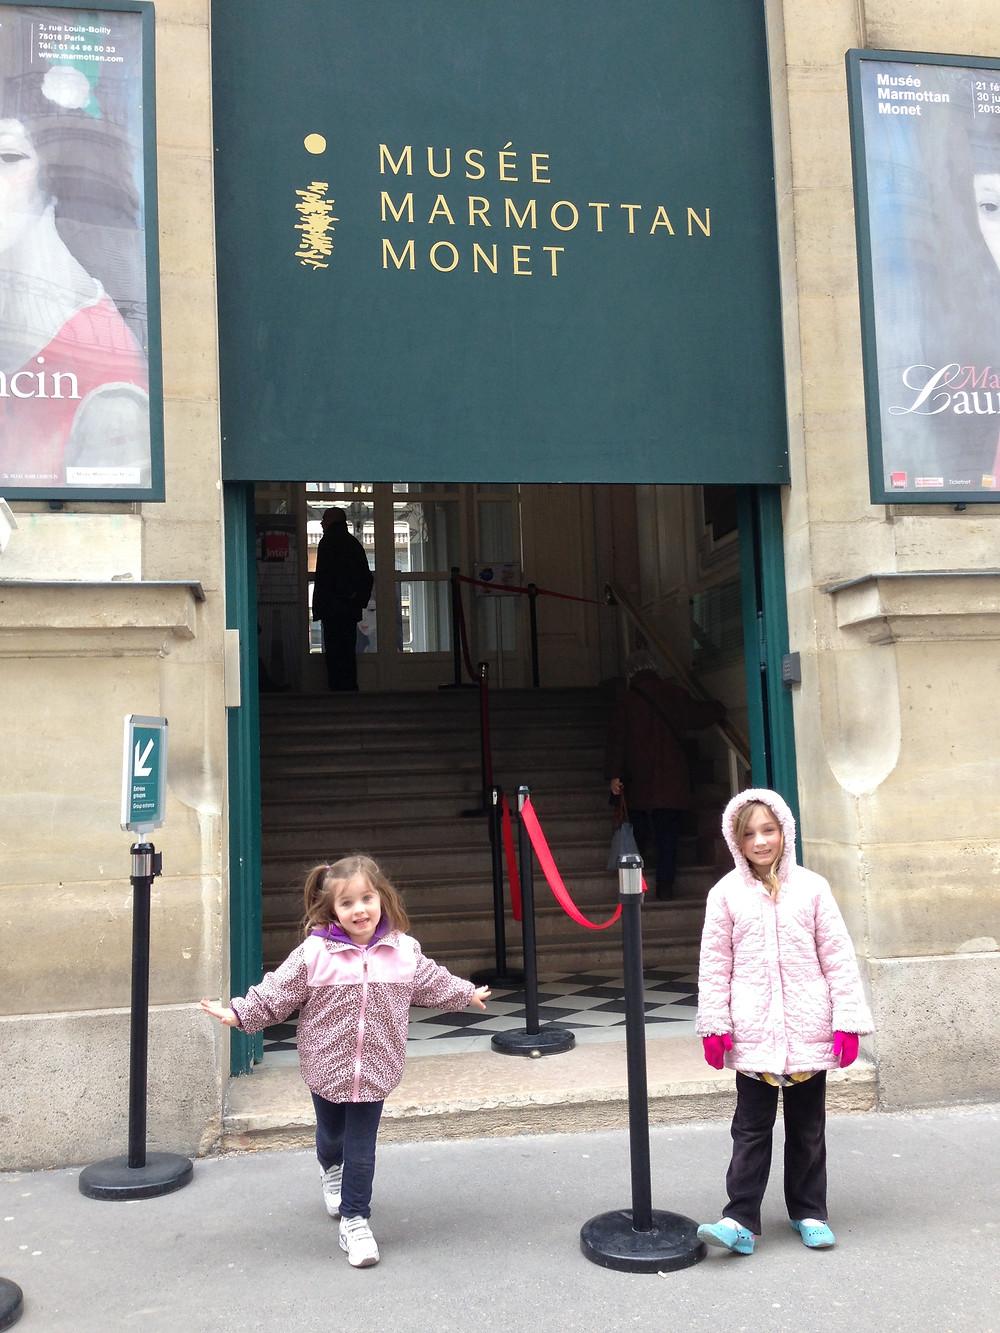 Museum Marmottan Paris France